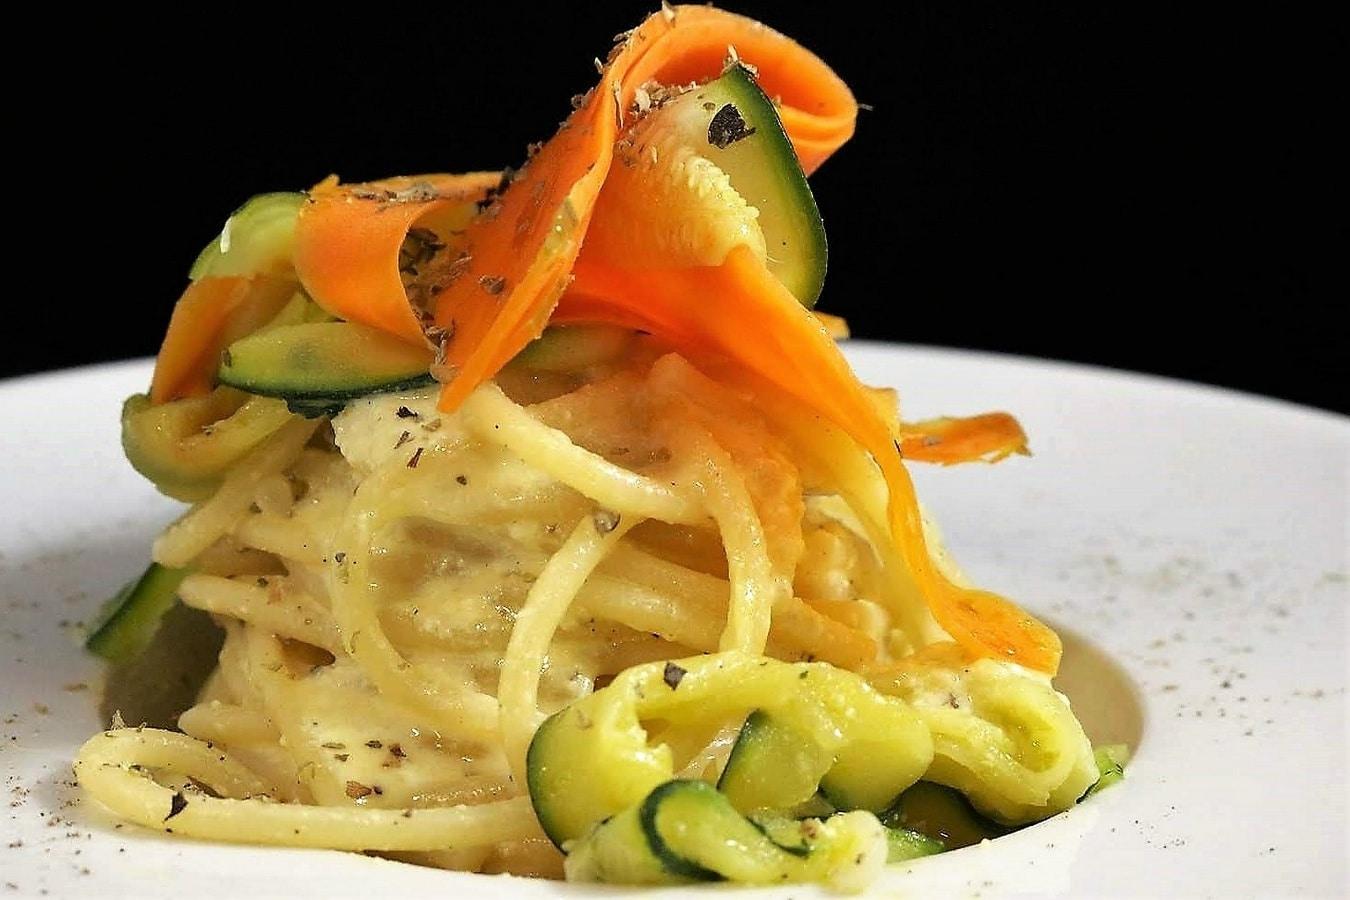 corso di cucina di base a torino scuola di cucina la palestra del cibo pasta lunga pasta corta primi piatti